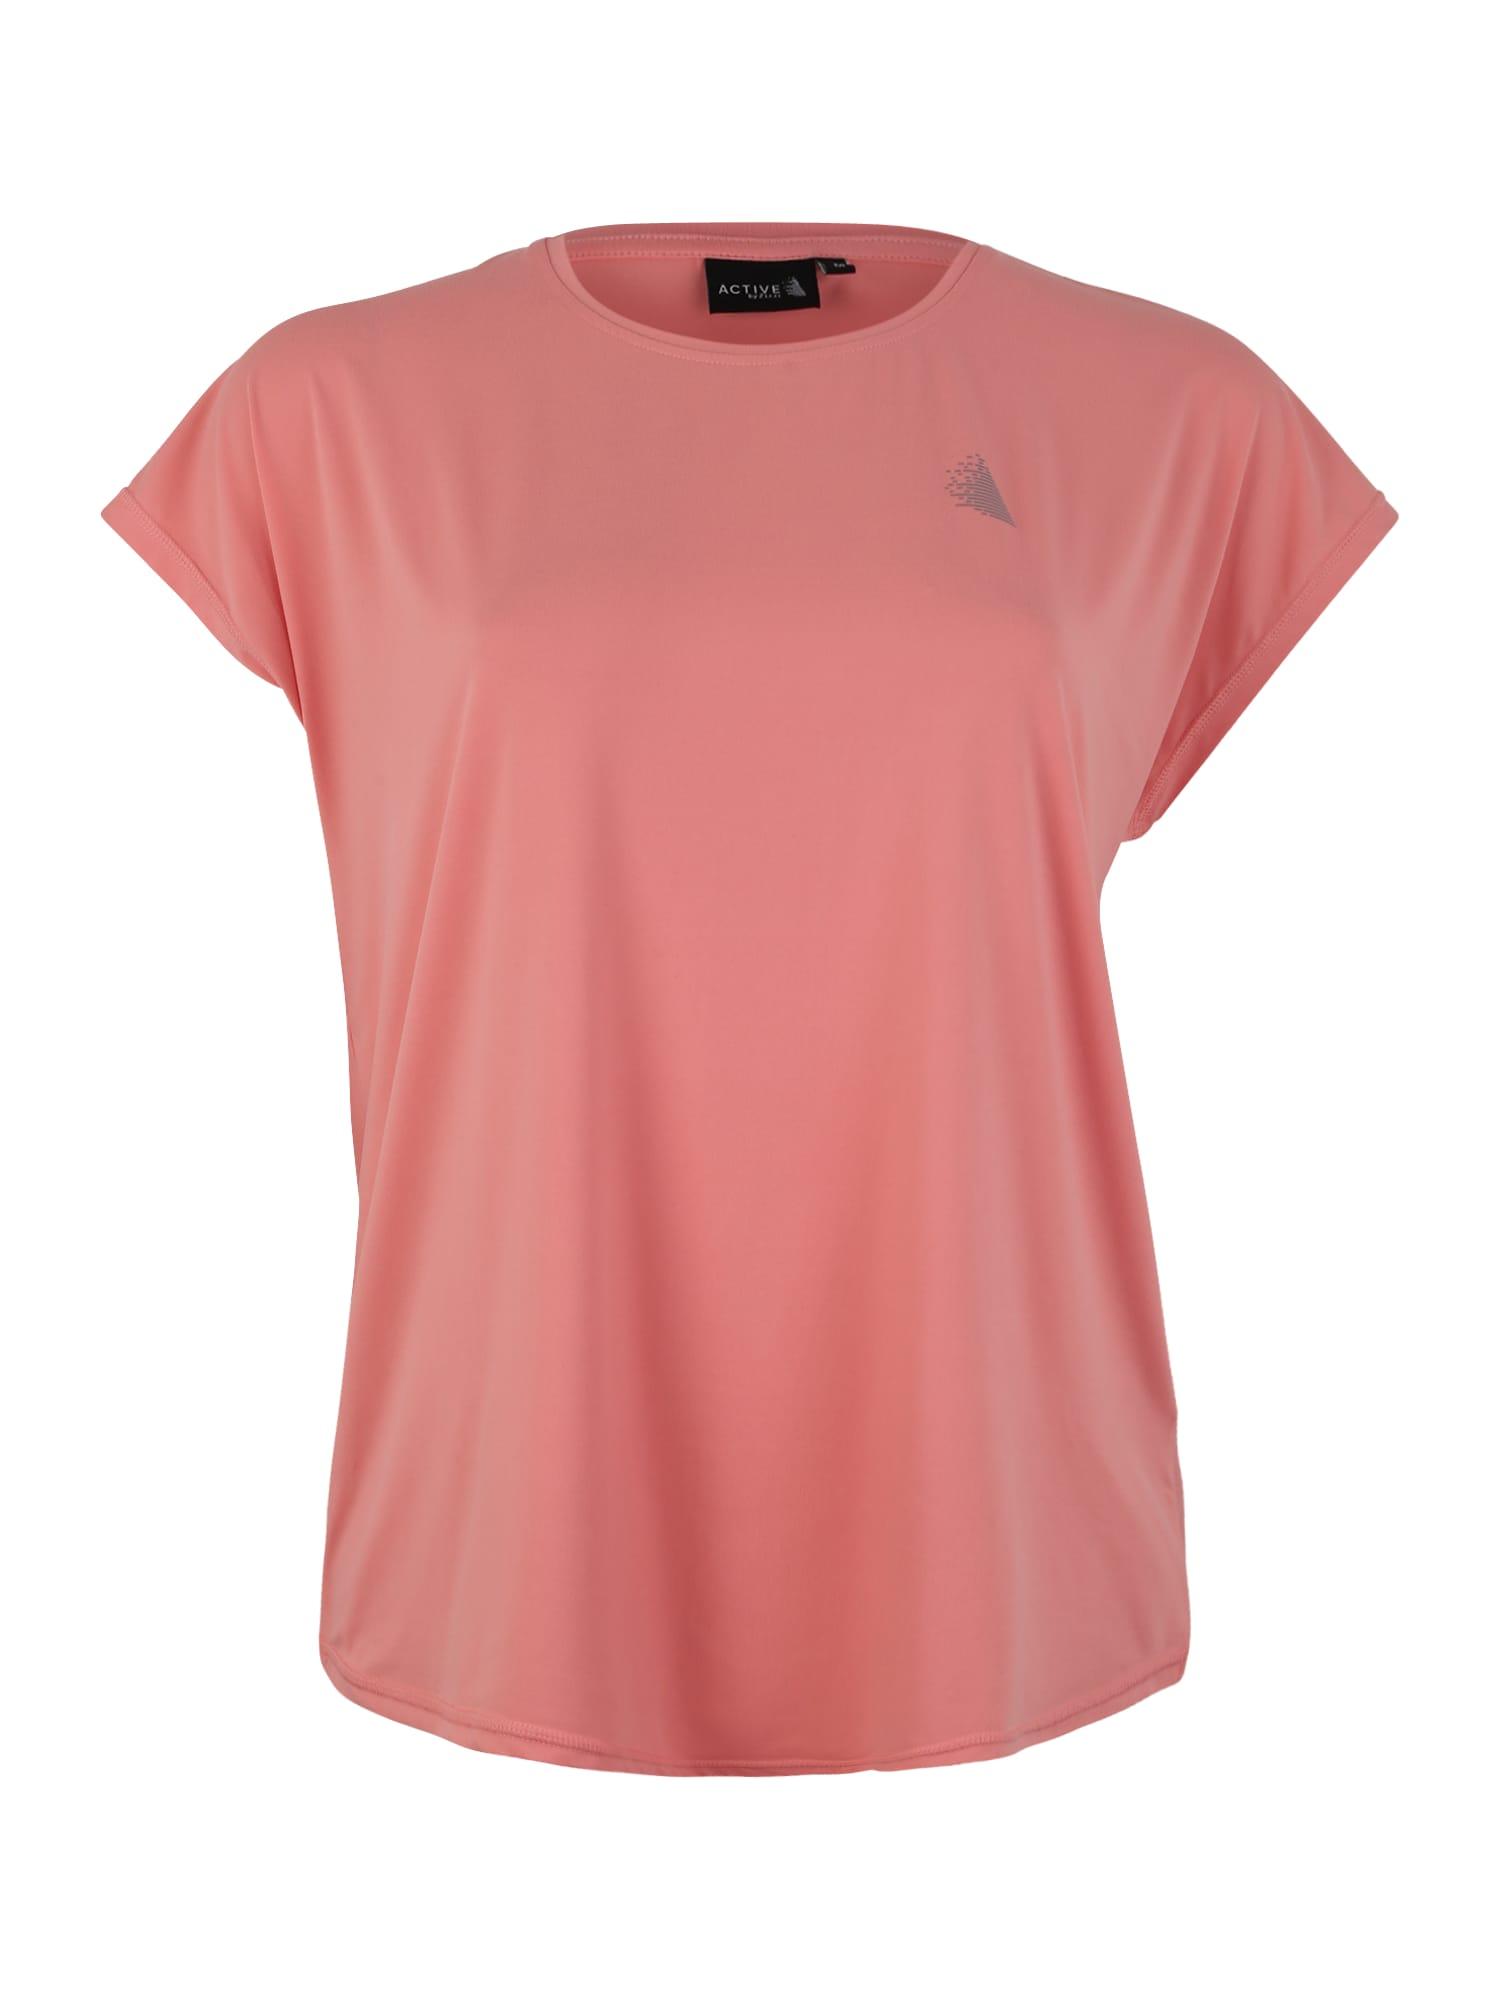 Funkční tričko ABASIC ONE korálová pink Active By Zizzi